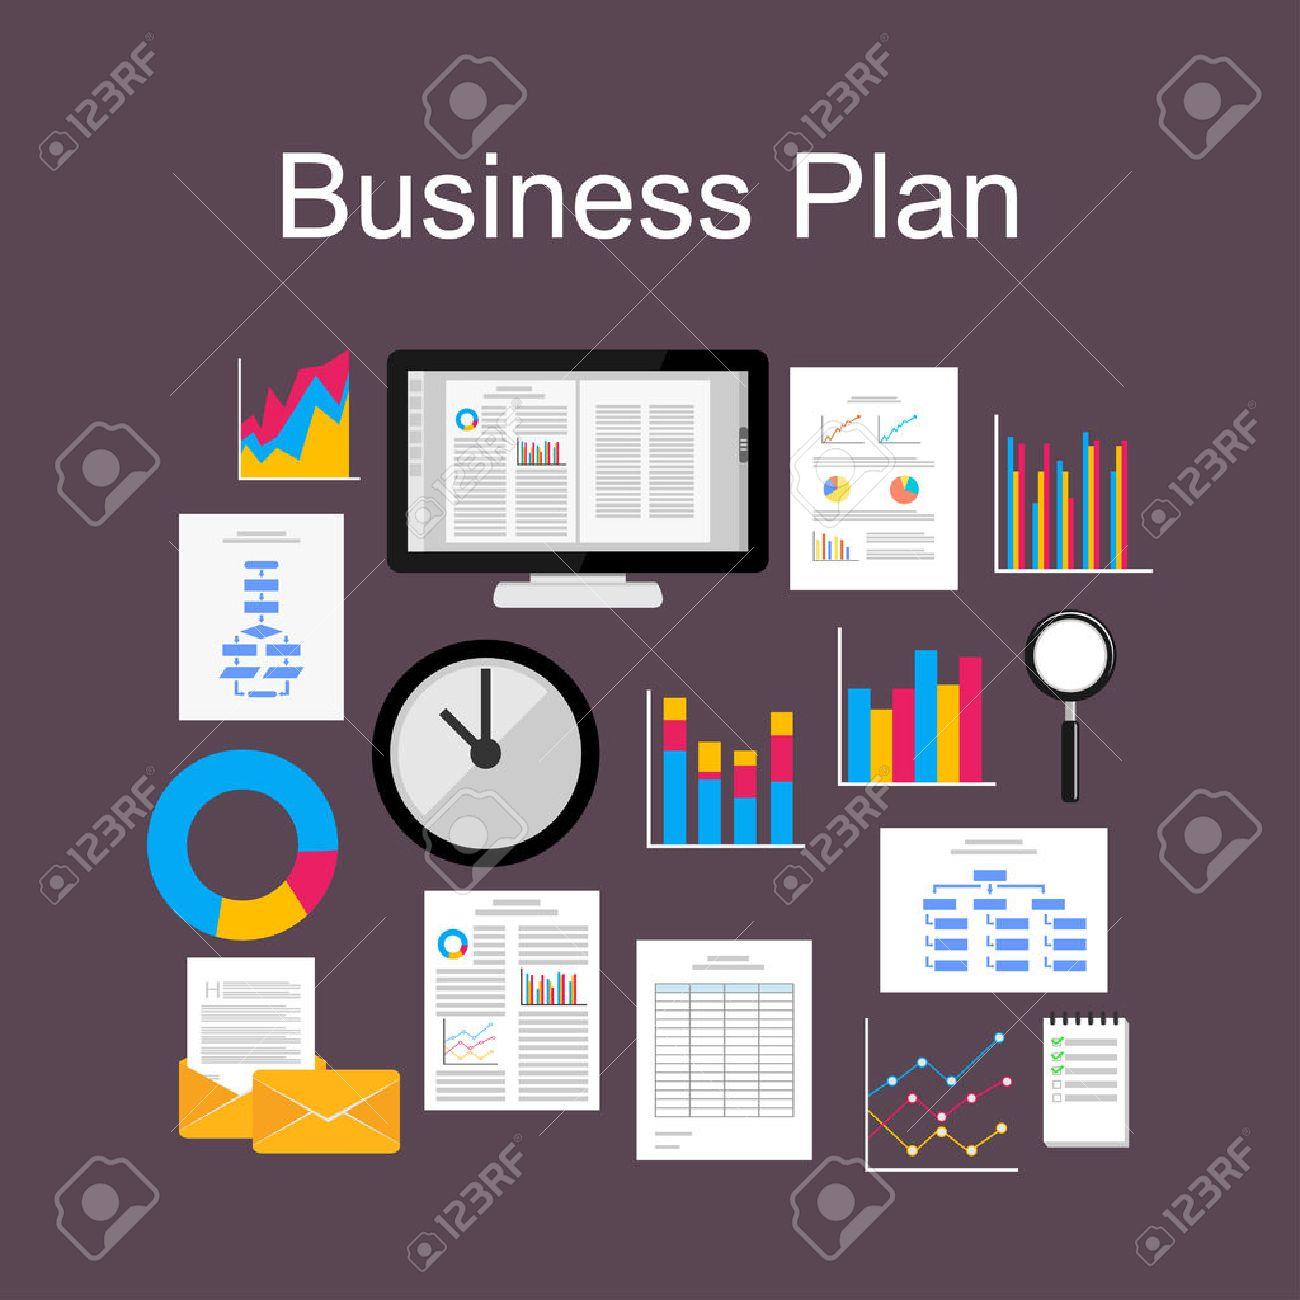 diseño plano concepto ejemplo de plan de negocios grupo de